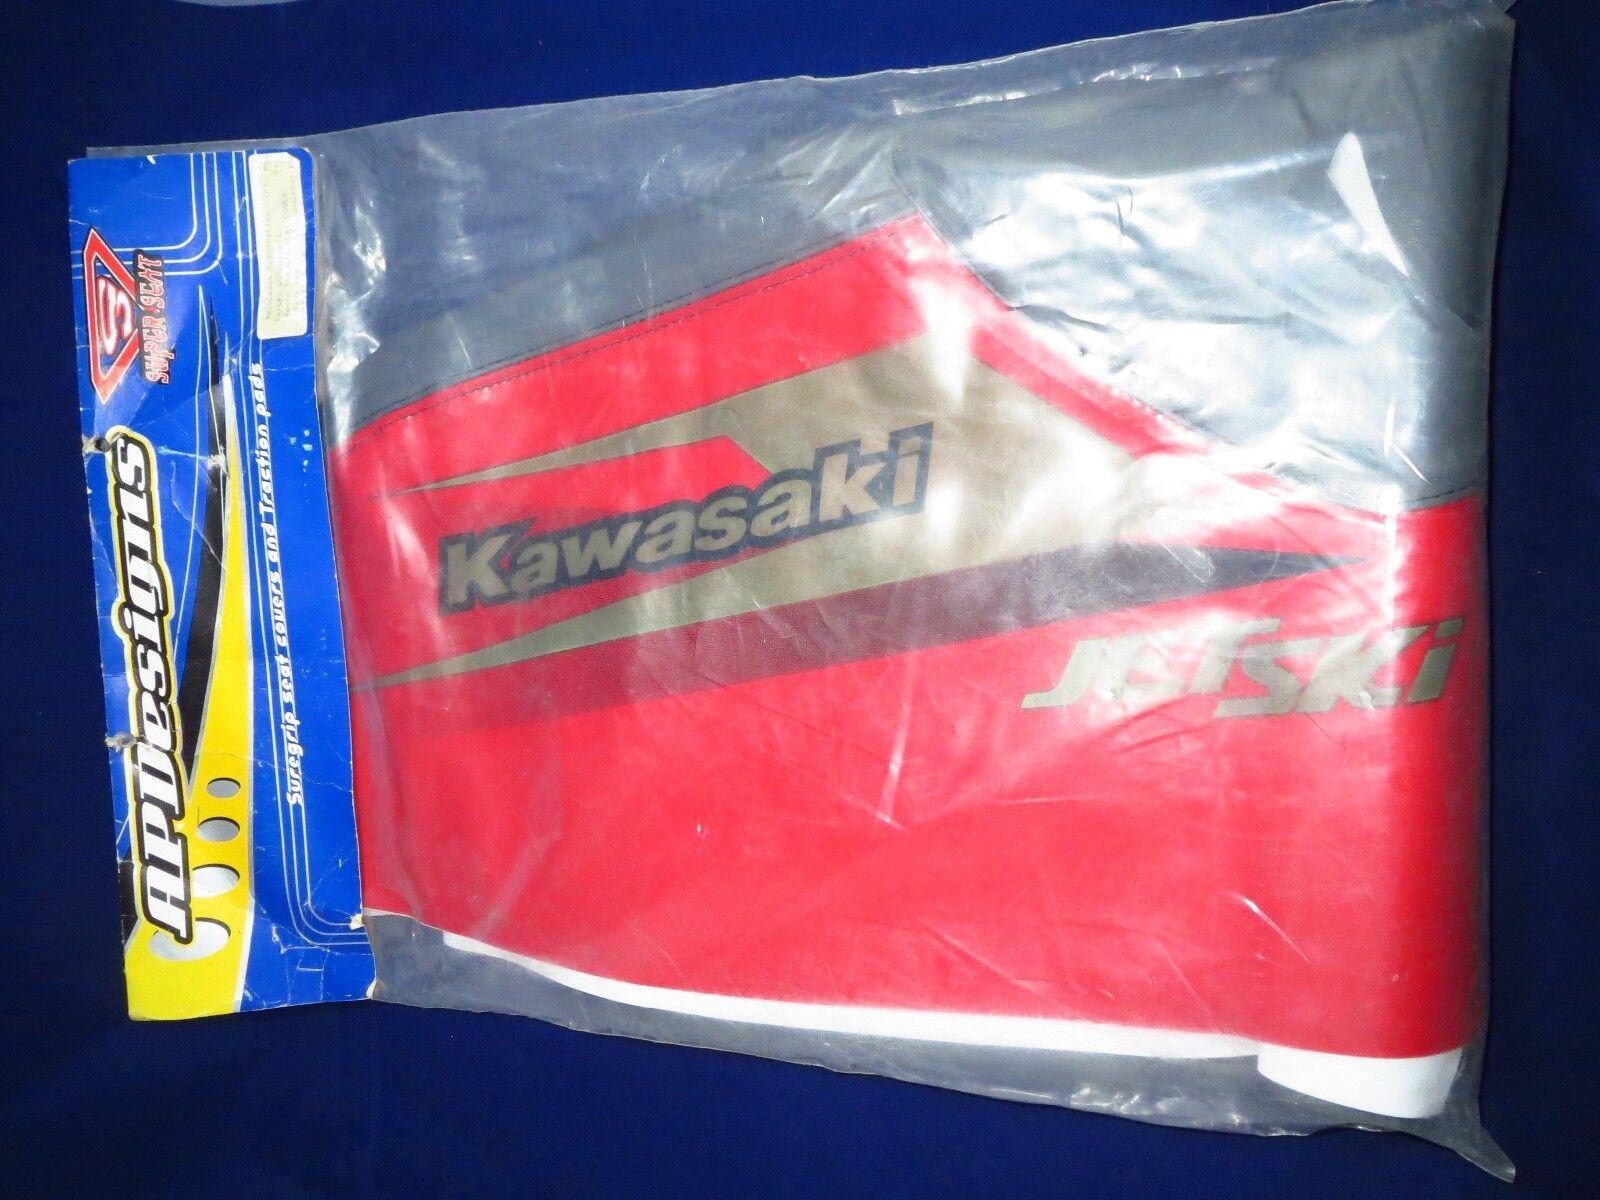 Kawasaki Jet Ski 1998 STX Super Seat AP Designs W53001-004 Red Seat Cover APD